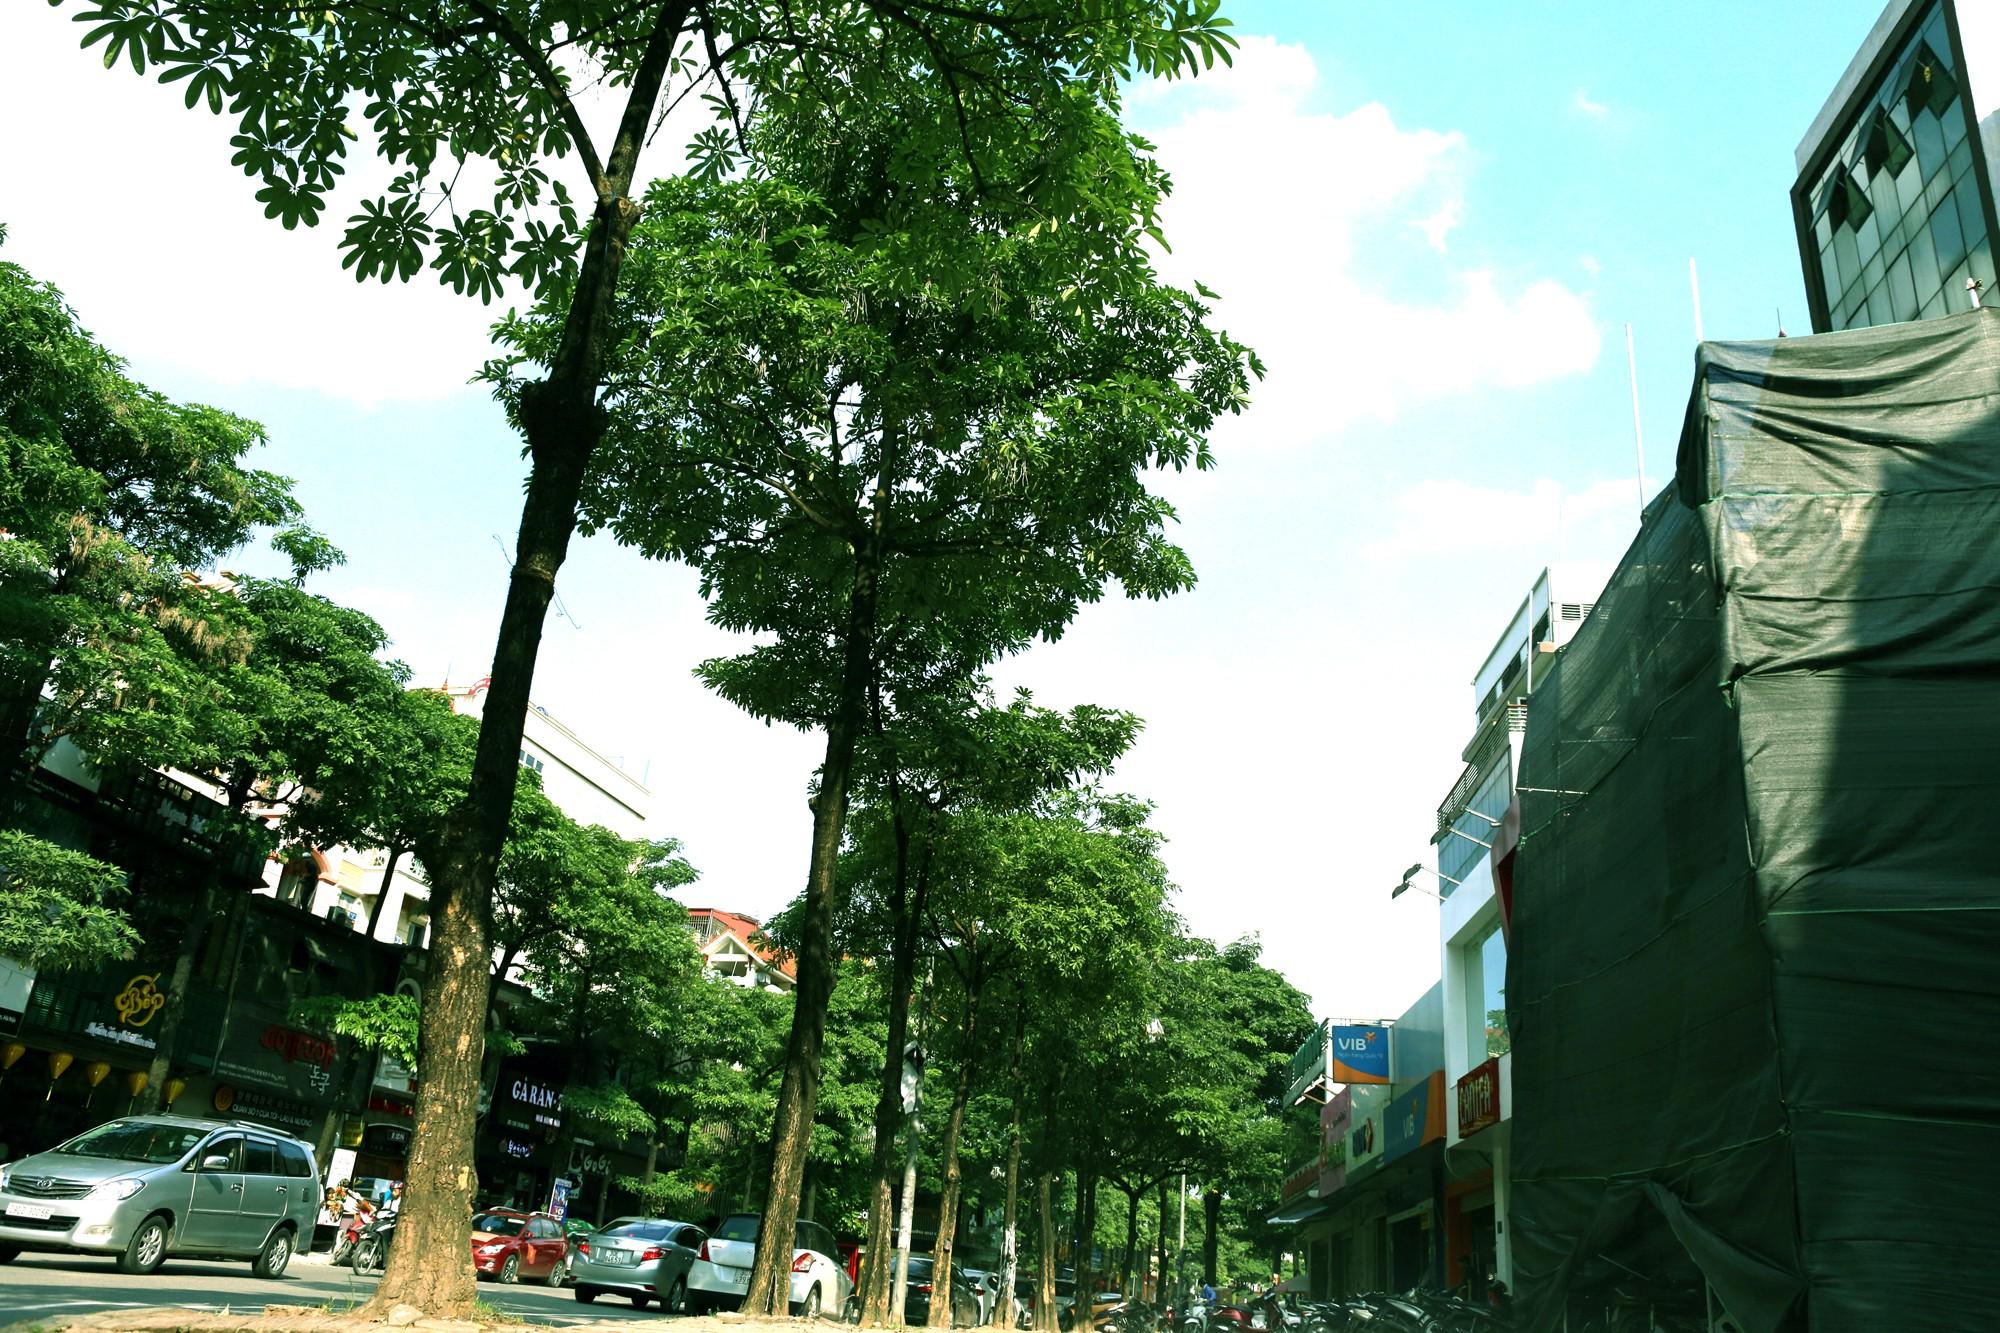 Hà Nội: Đầu hè, hoa sữa bất ngờ nở trên nhiều tuyến phố  - Ảnh 2.